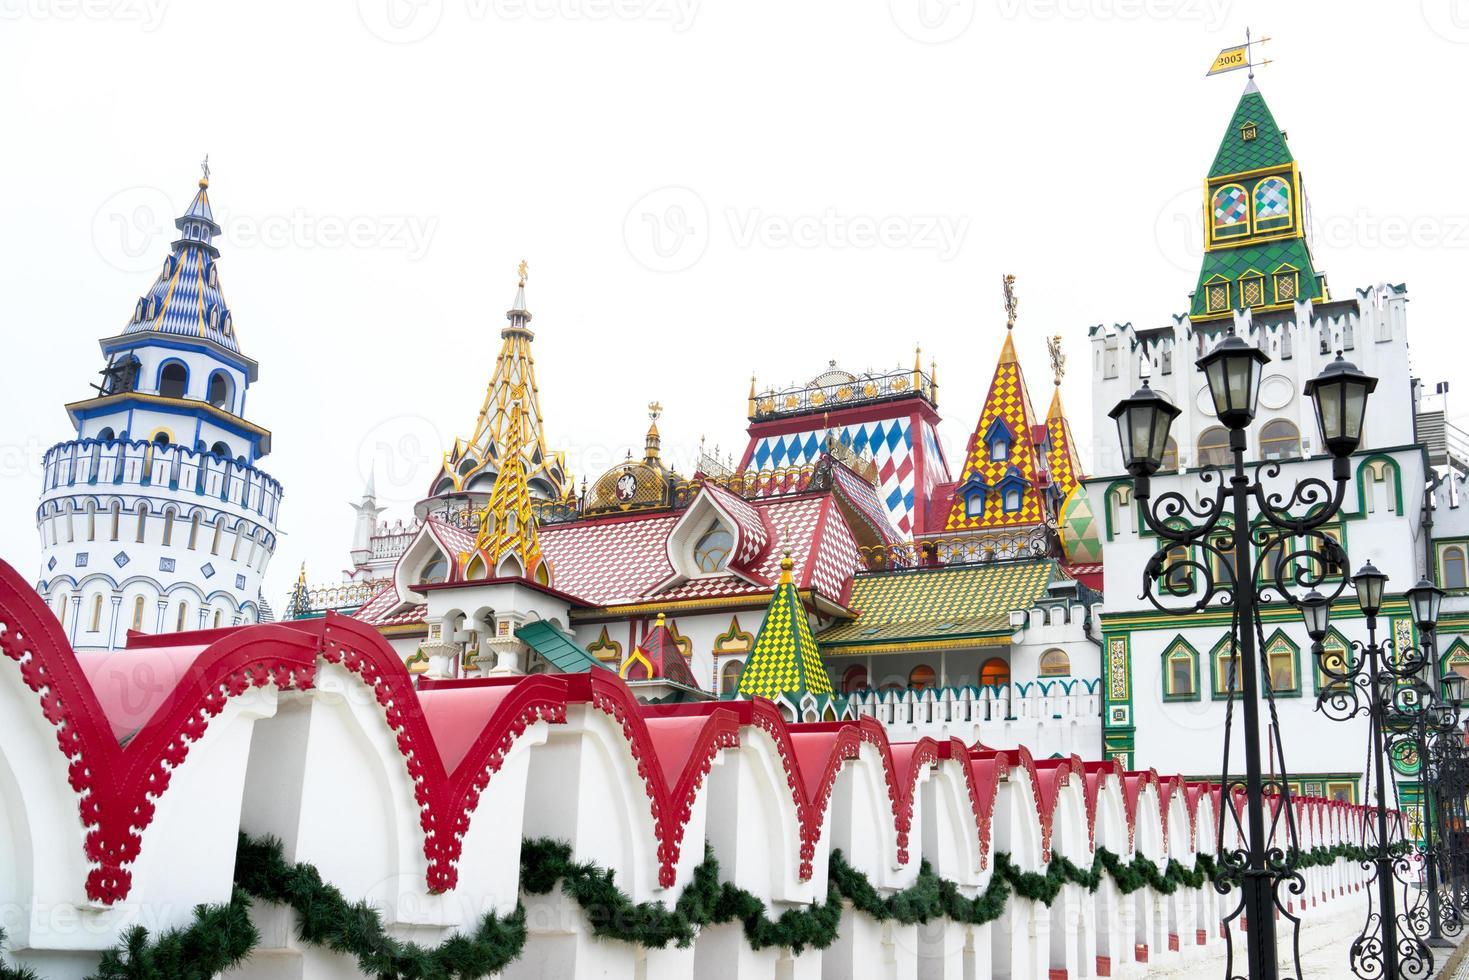 prachtig uitzicht over het kremlin in izmailovo, moskou, rusland foto